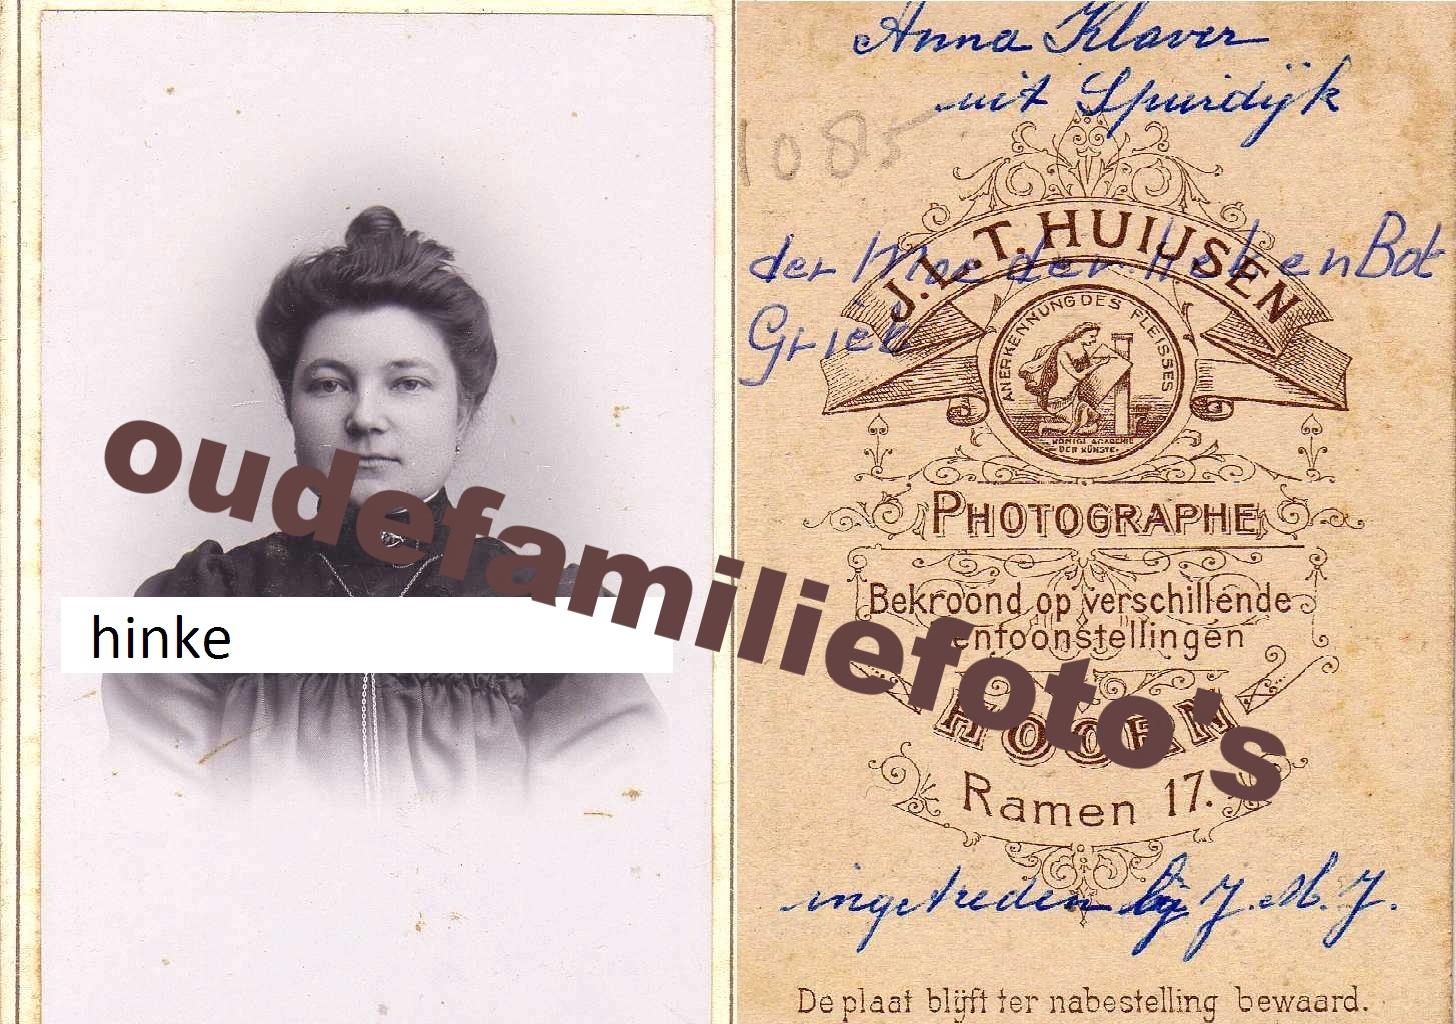 Hinke, Anna geboren 12-4-1889 Spanbroek getrouwd met Johannes Wilhelmus Klaver € 4,00